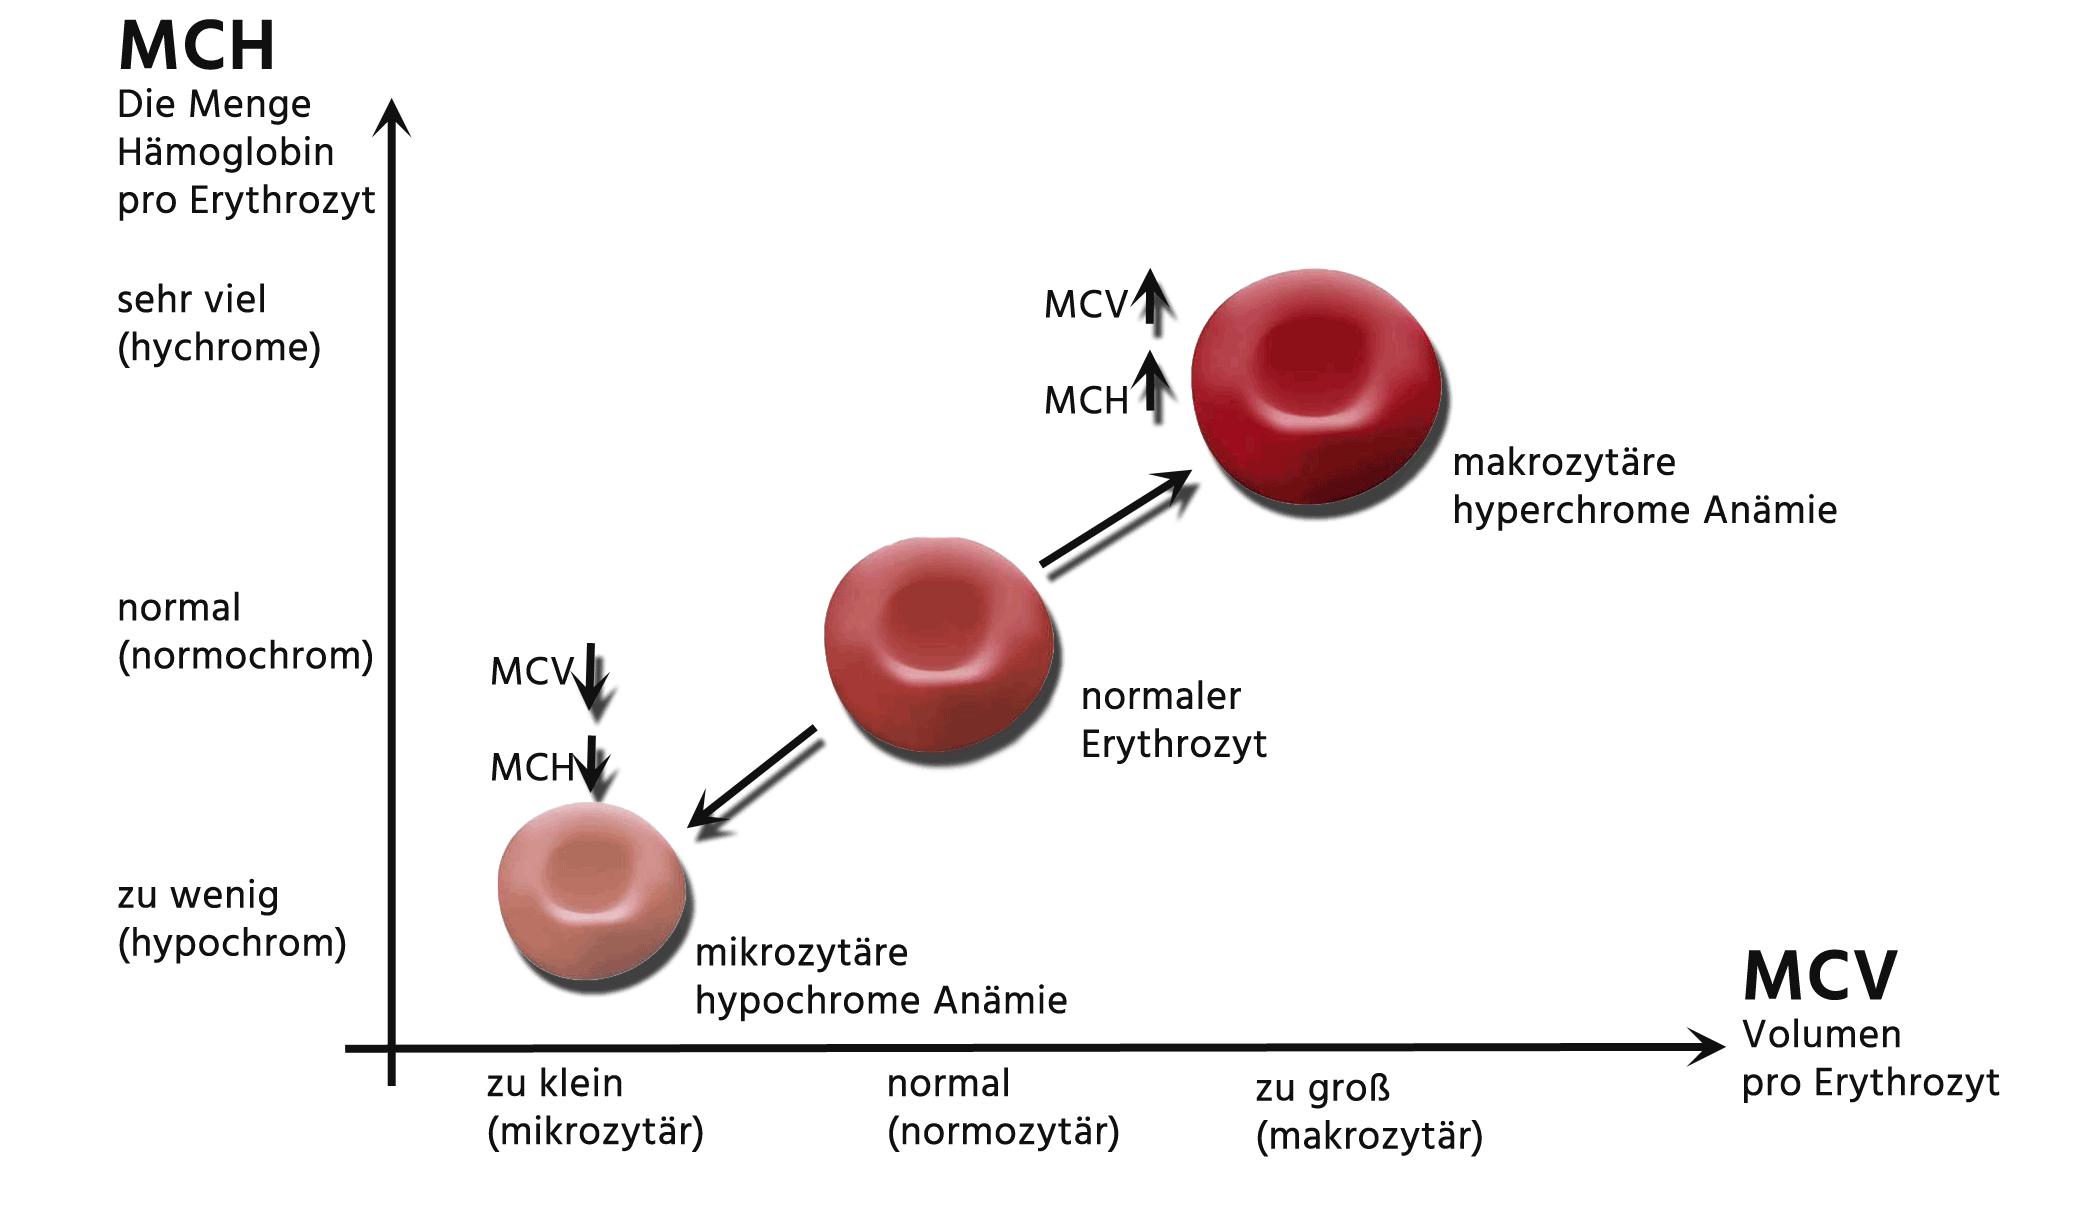 Zu viele thrombozyten